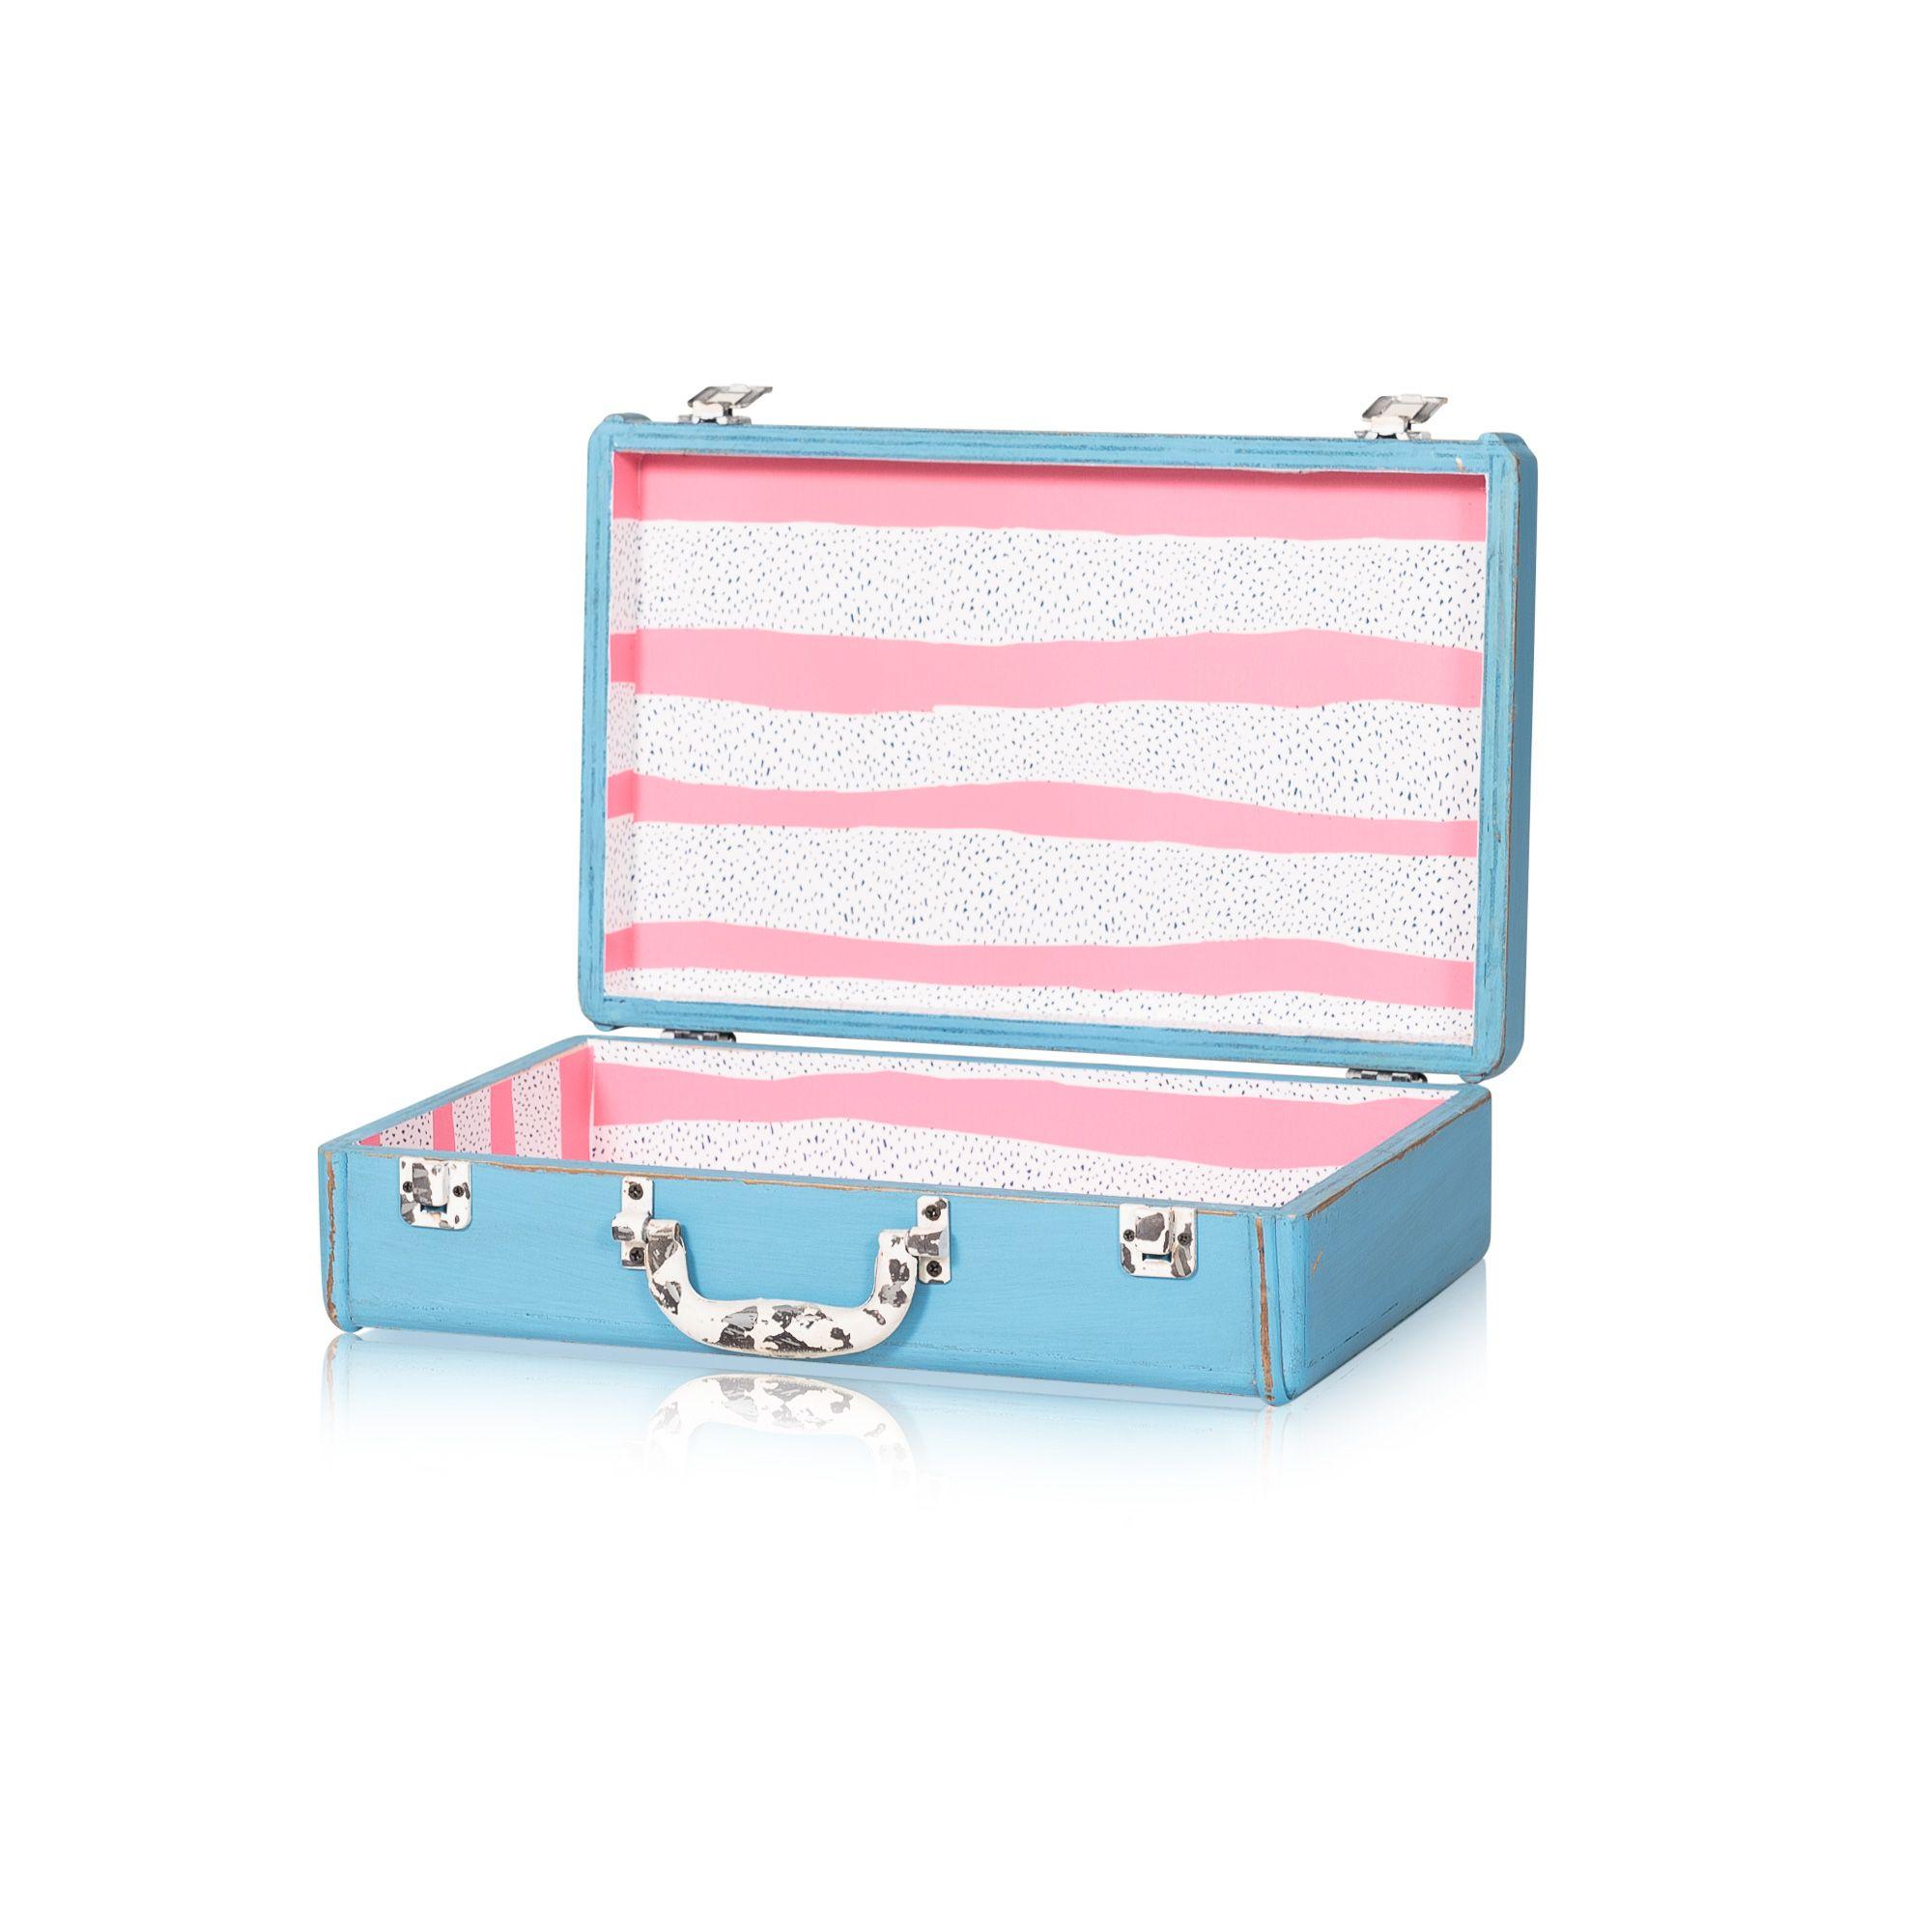 Buy The Extra Small Loft Decorative Storage Suitcase At Oliver Bonas. Enjoy  Free UK Standard